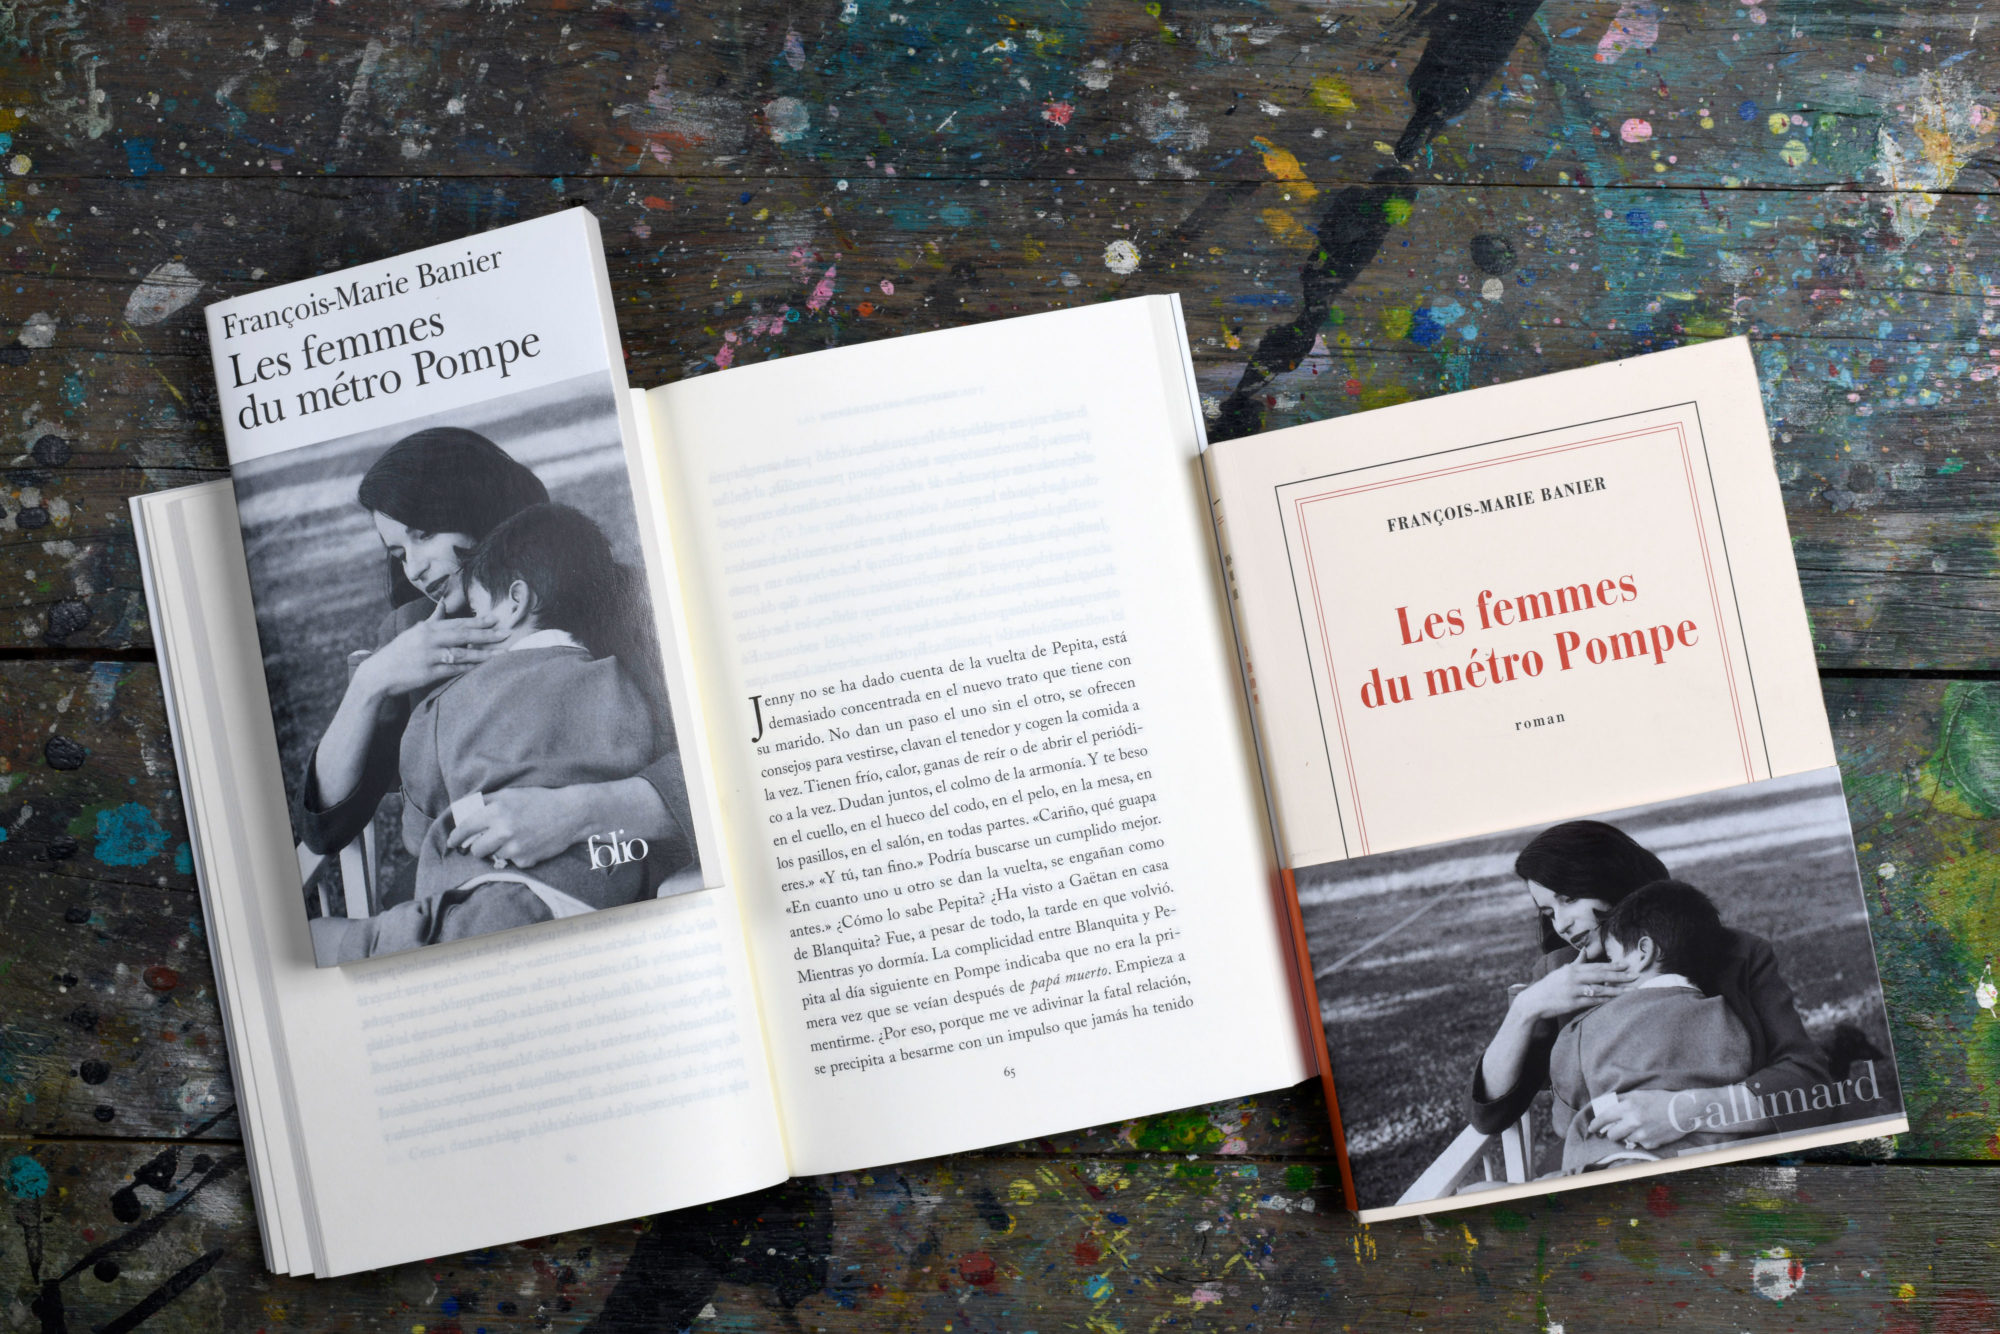 Les femmes du métro Pompe - François-Marie Banier